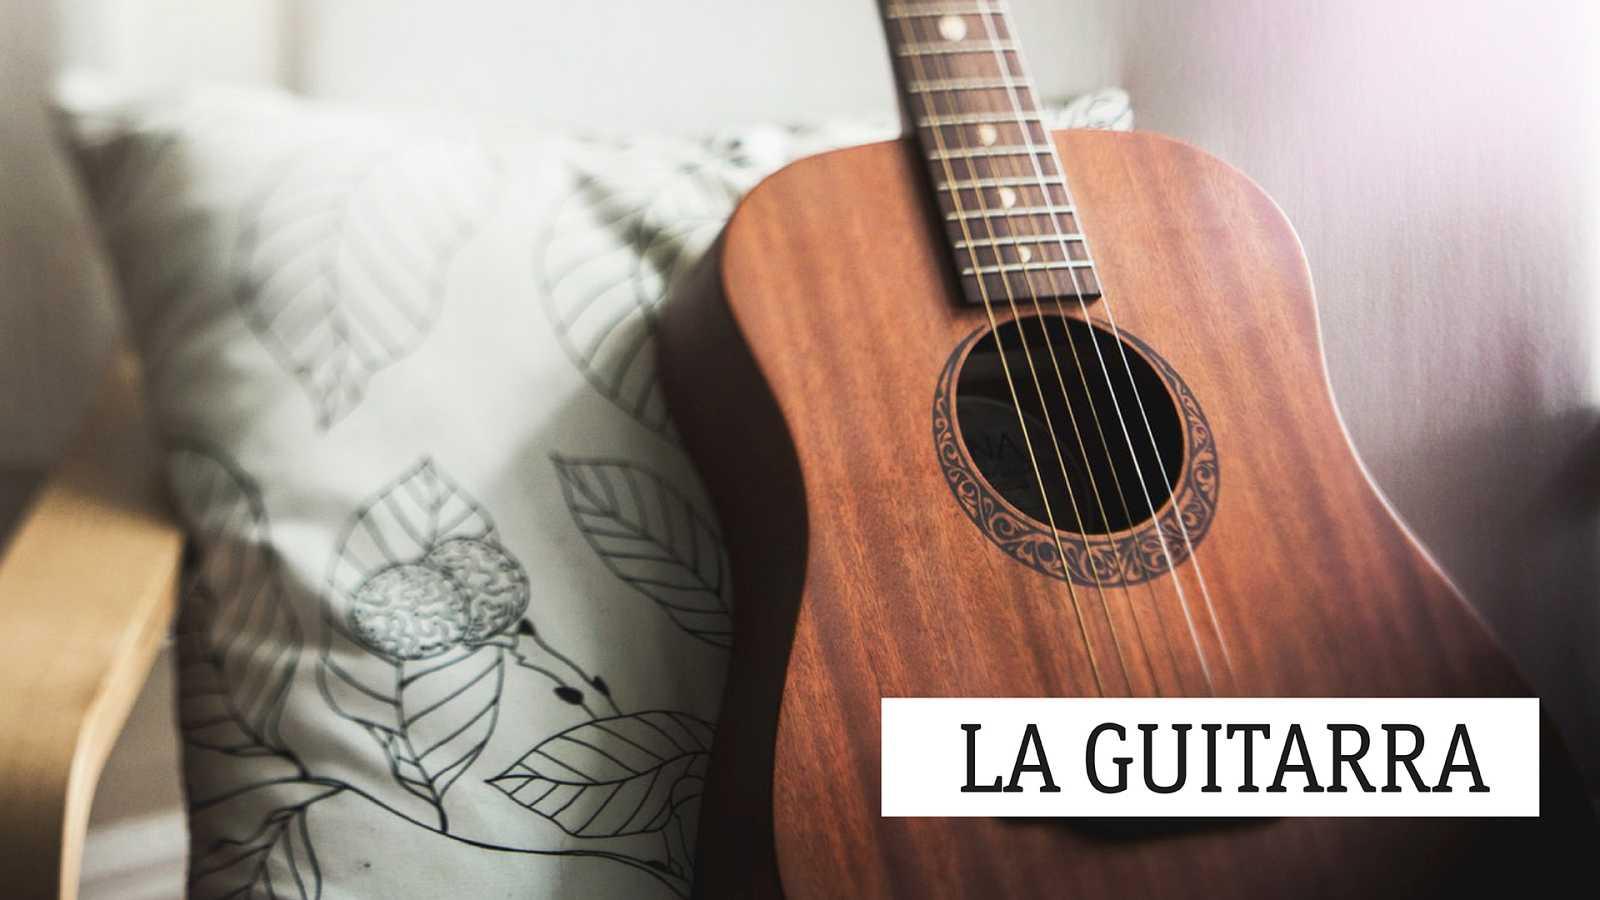 La guitarra - Joaquín Rodrigo (y V) - 28/06/20 - escuchar ahora